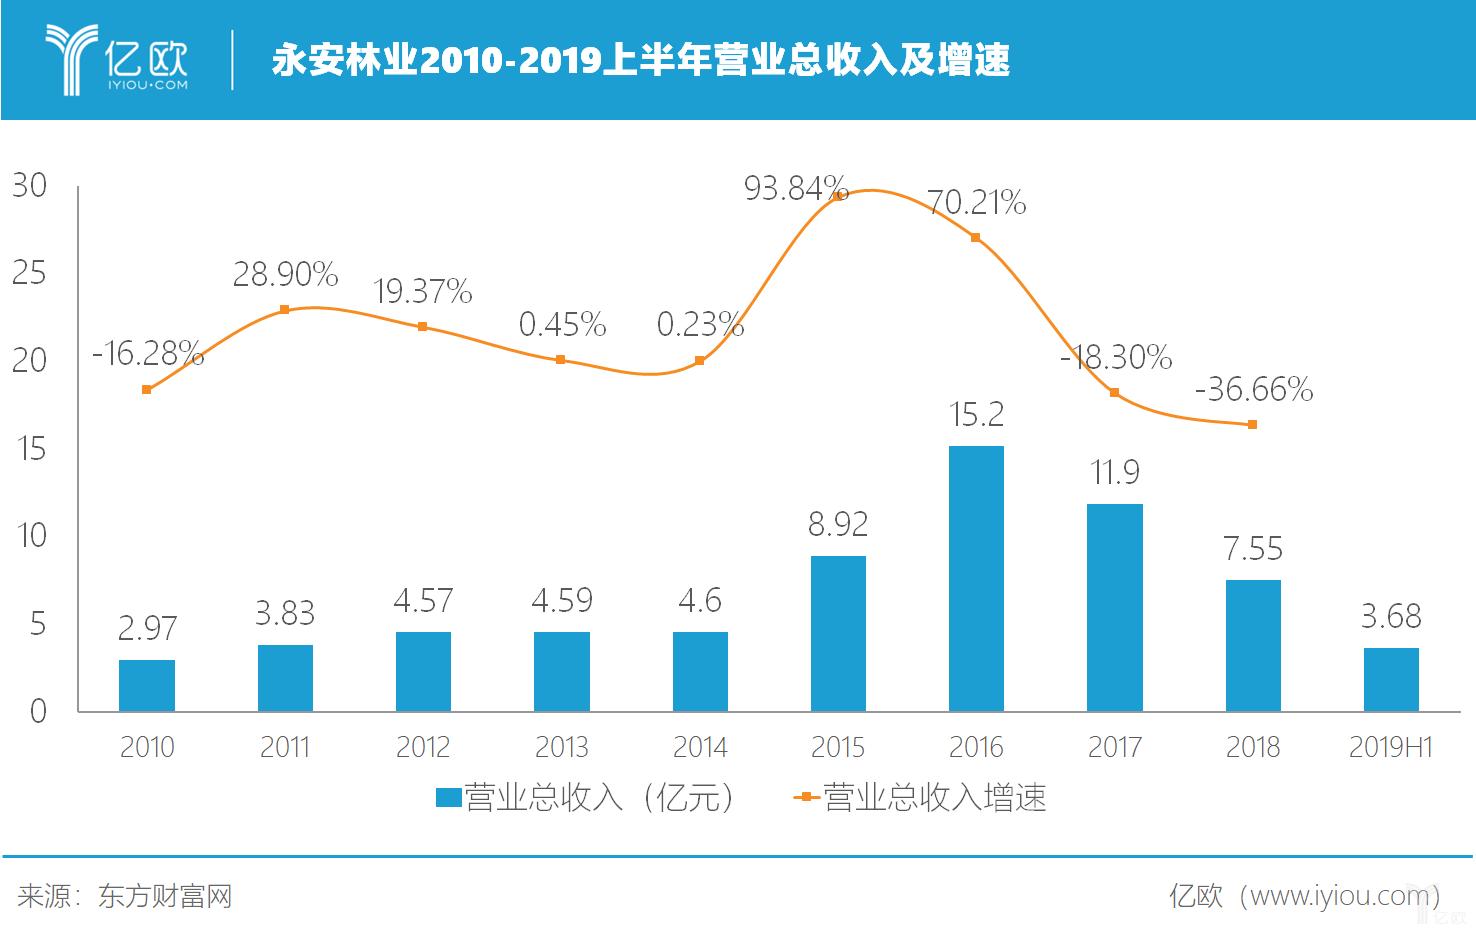 永安林业2010-2019上半年营业总收入及增速